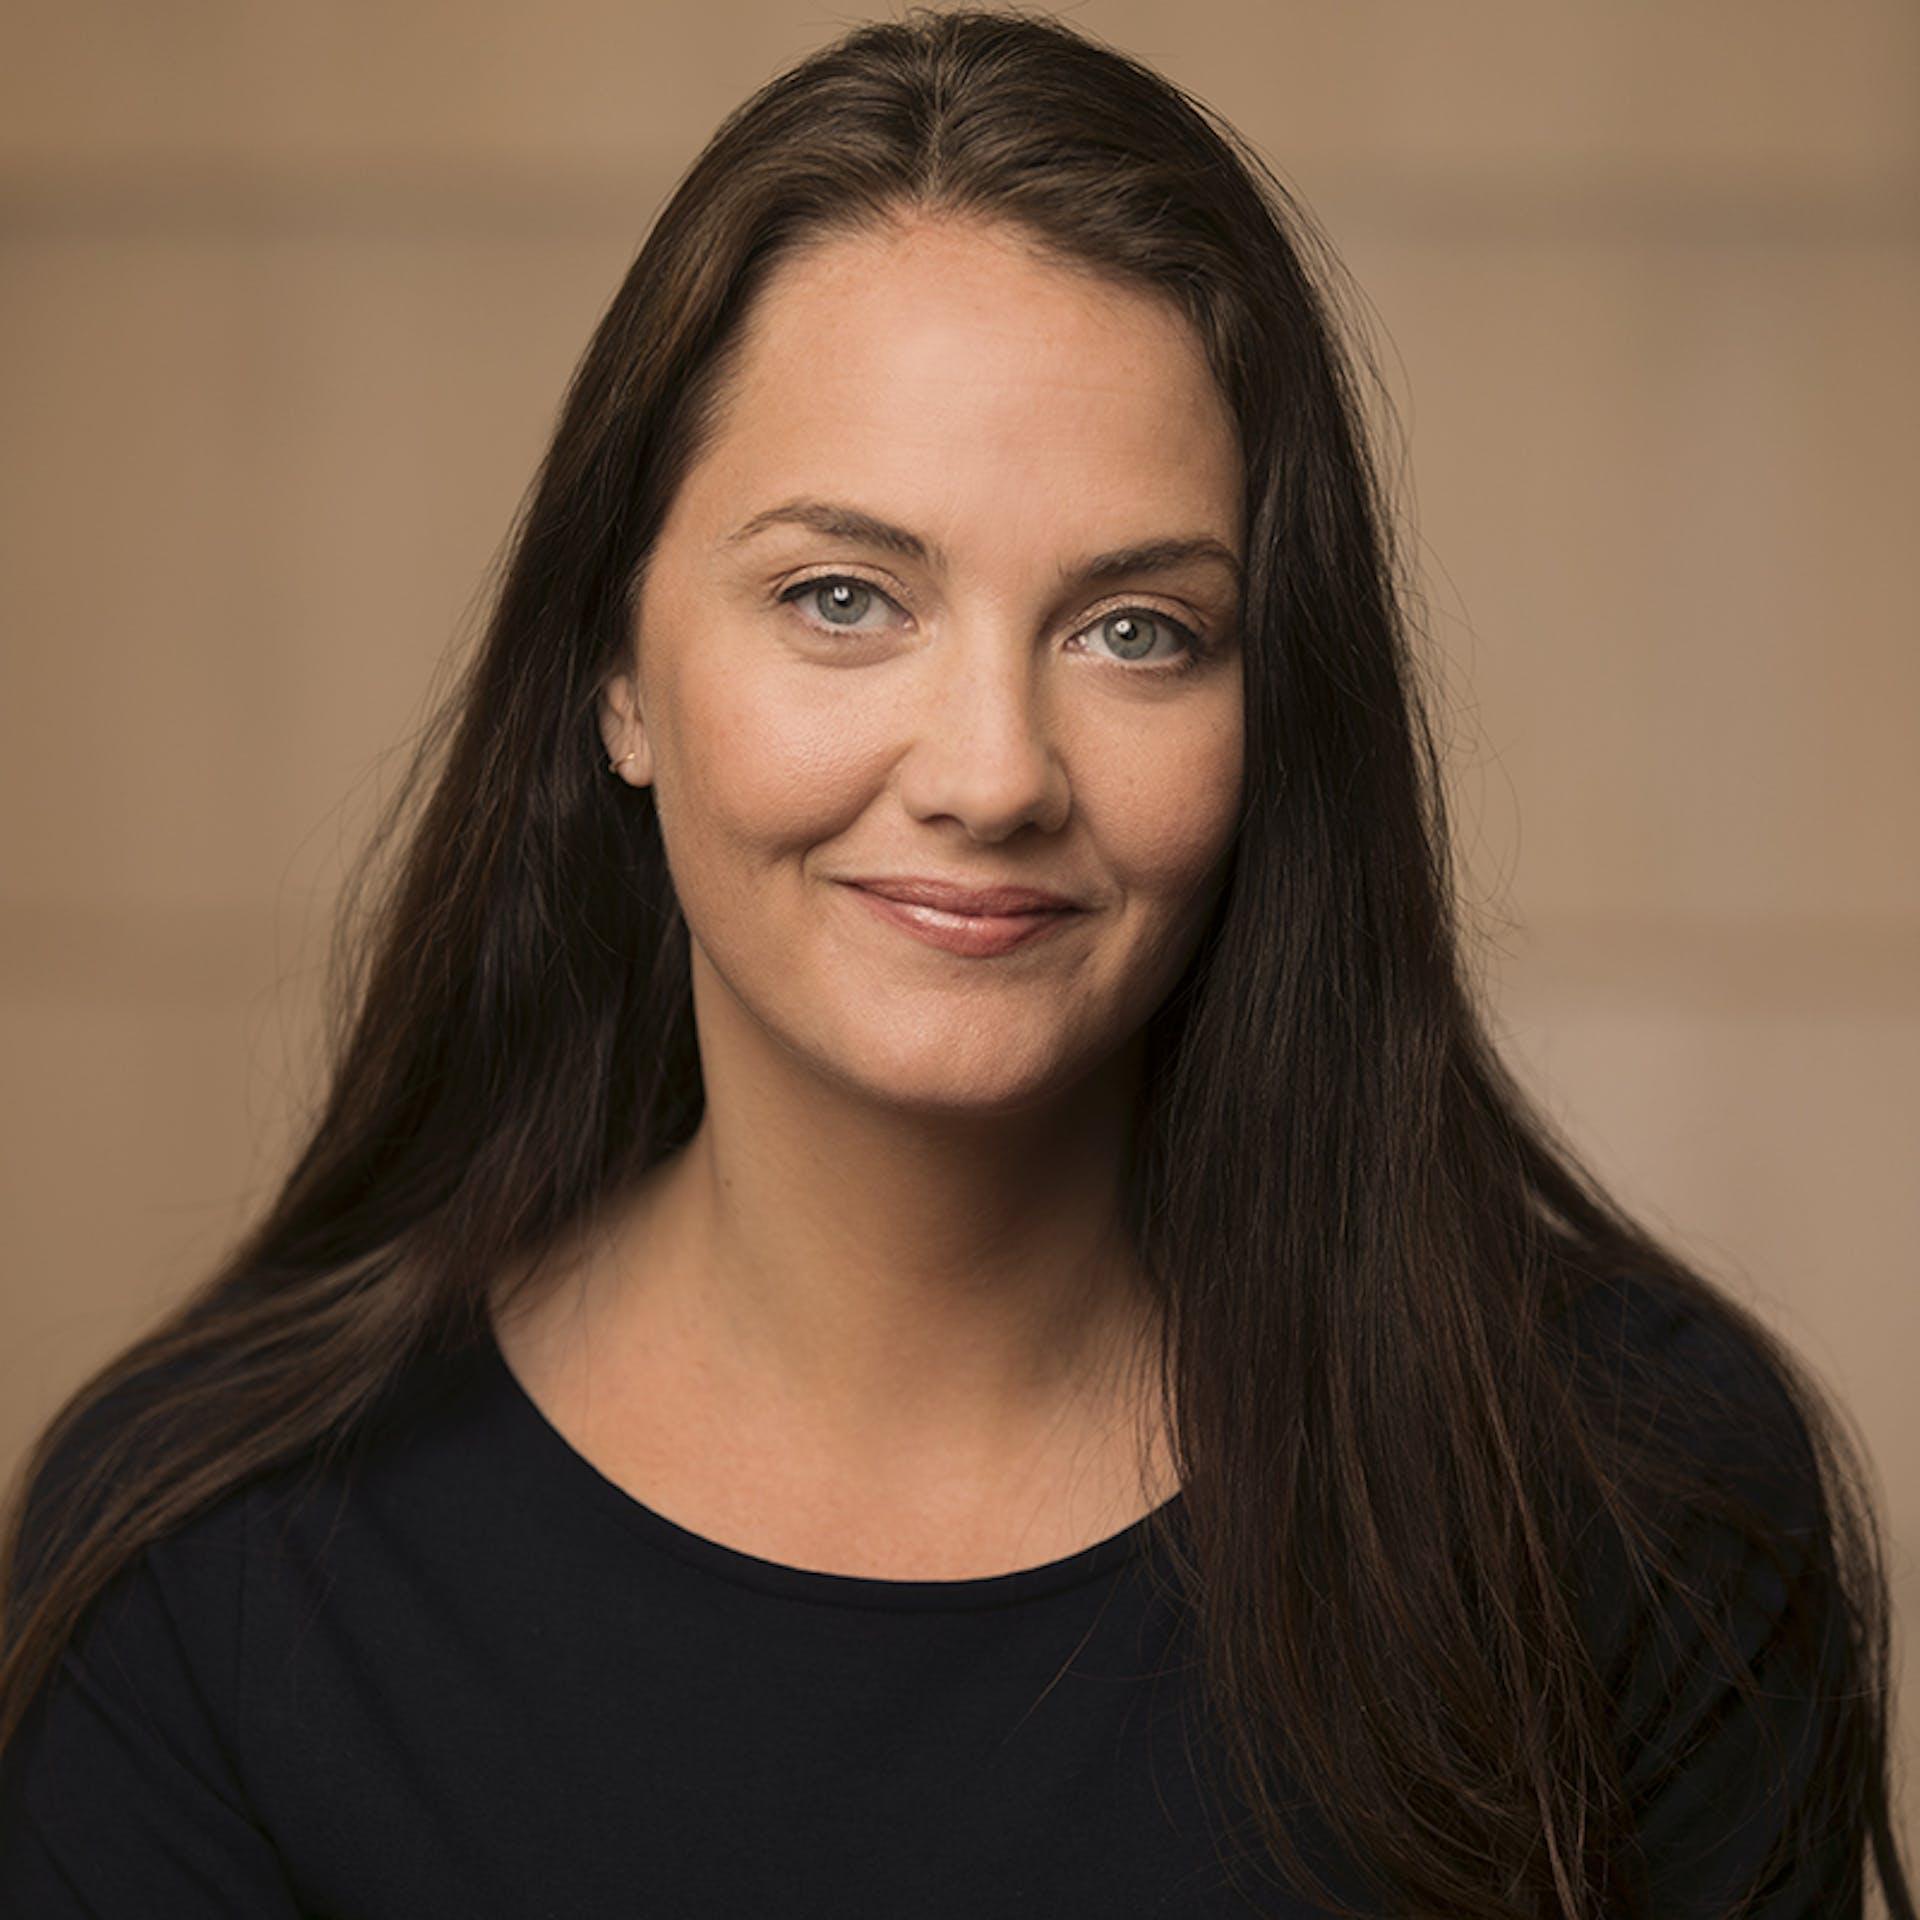 Kristín Halldórsdóttir